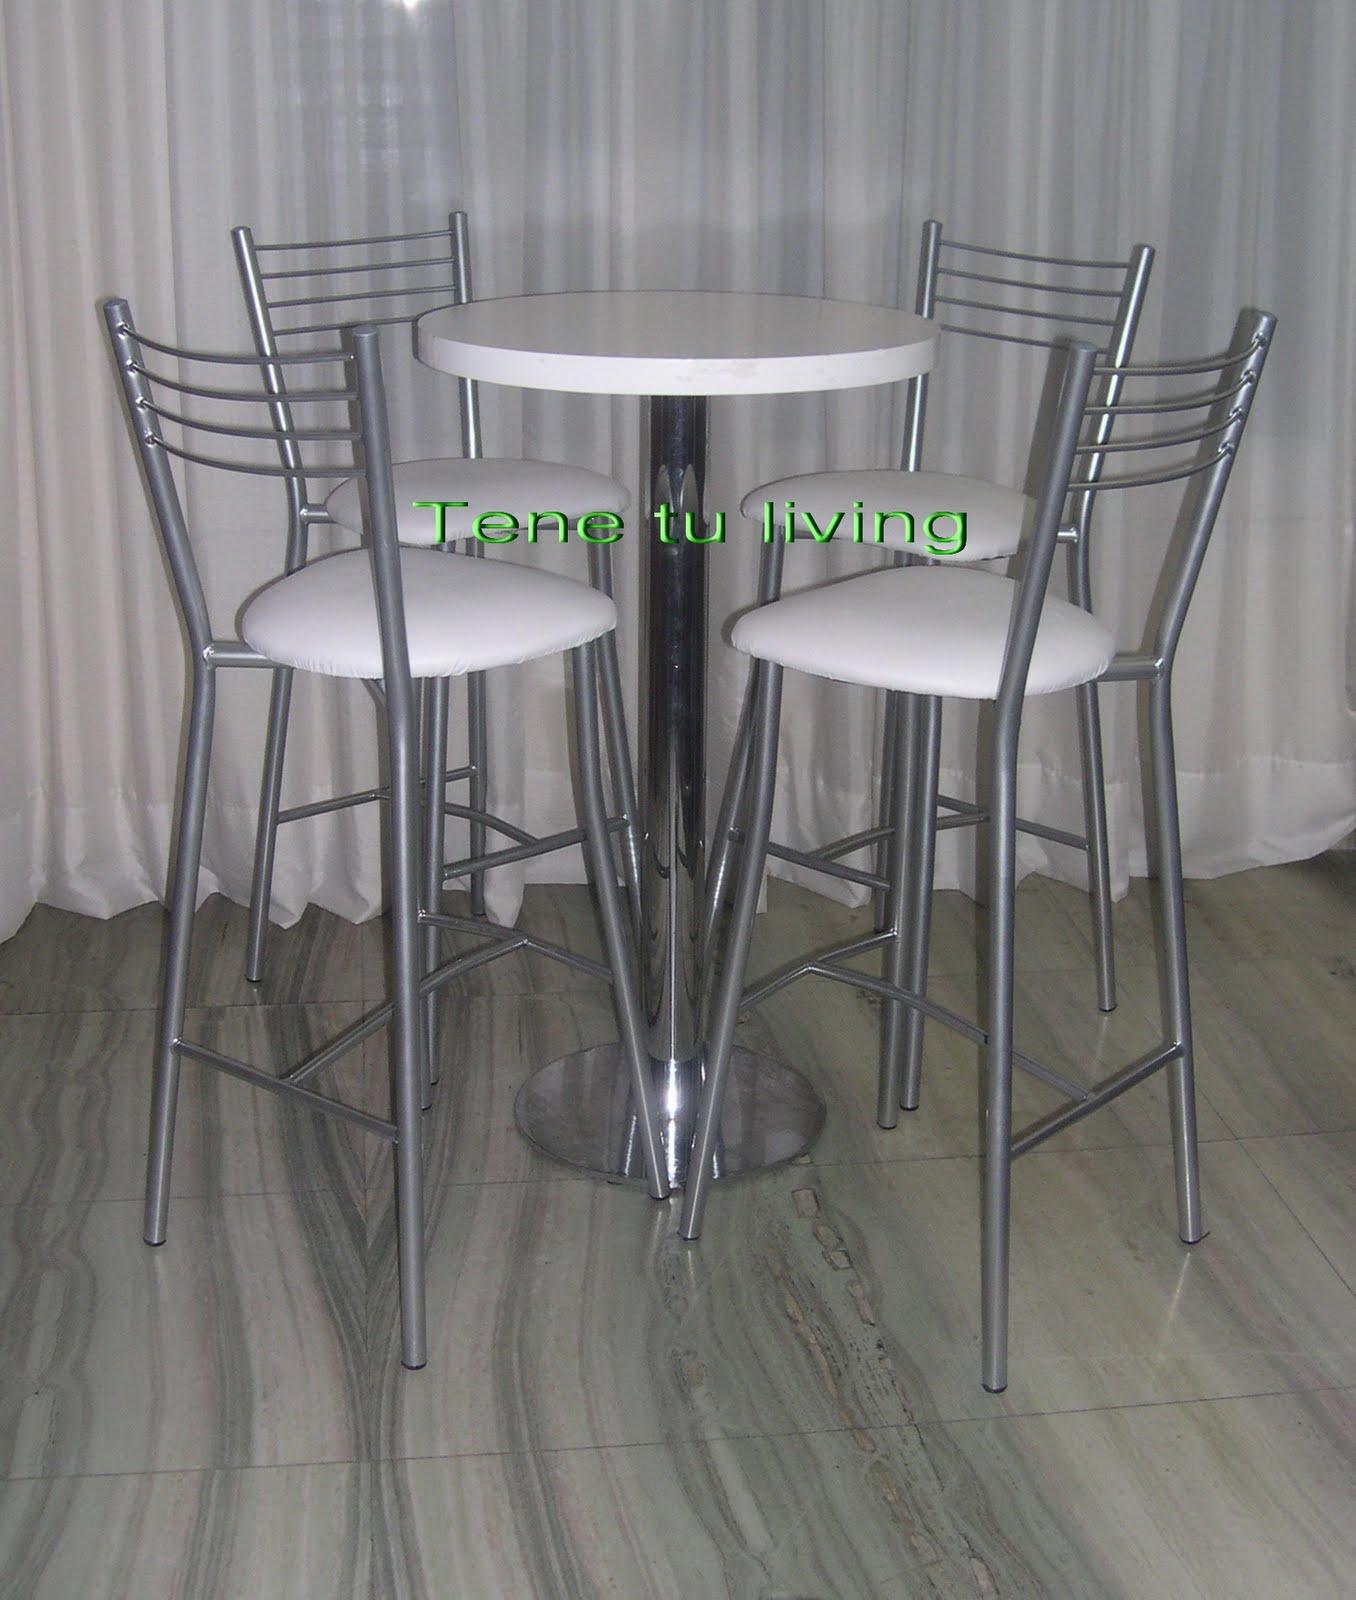 Tene tu living alquiler de mesas y sillas altas para eventos for Sillas empresariales